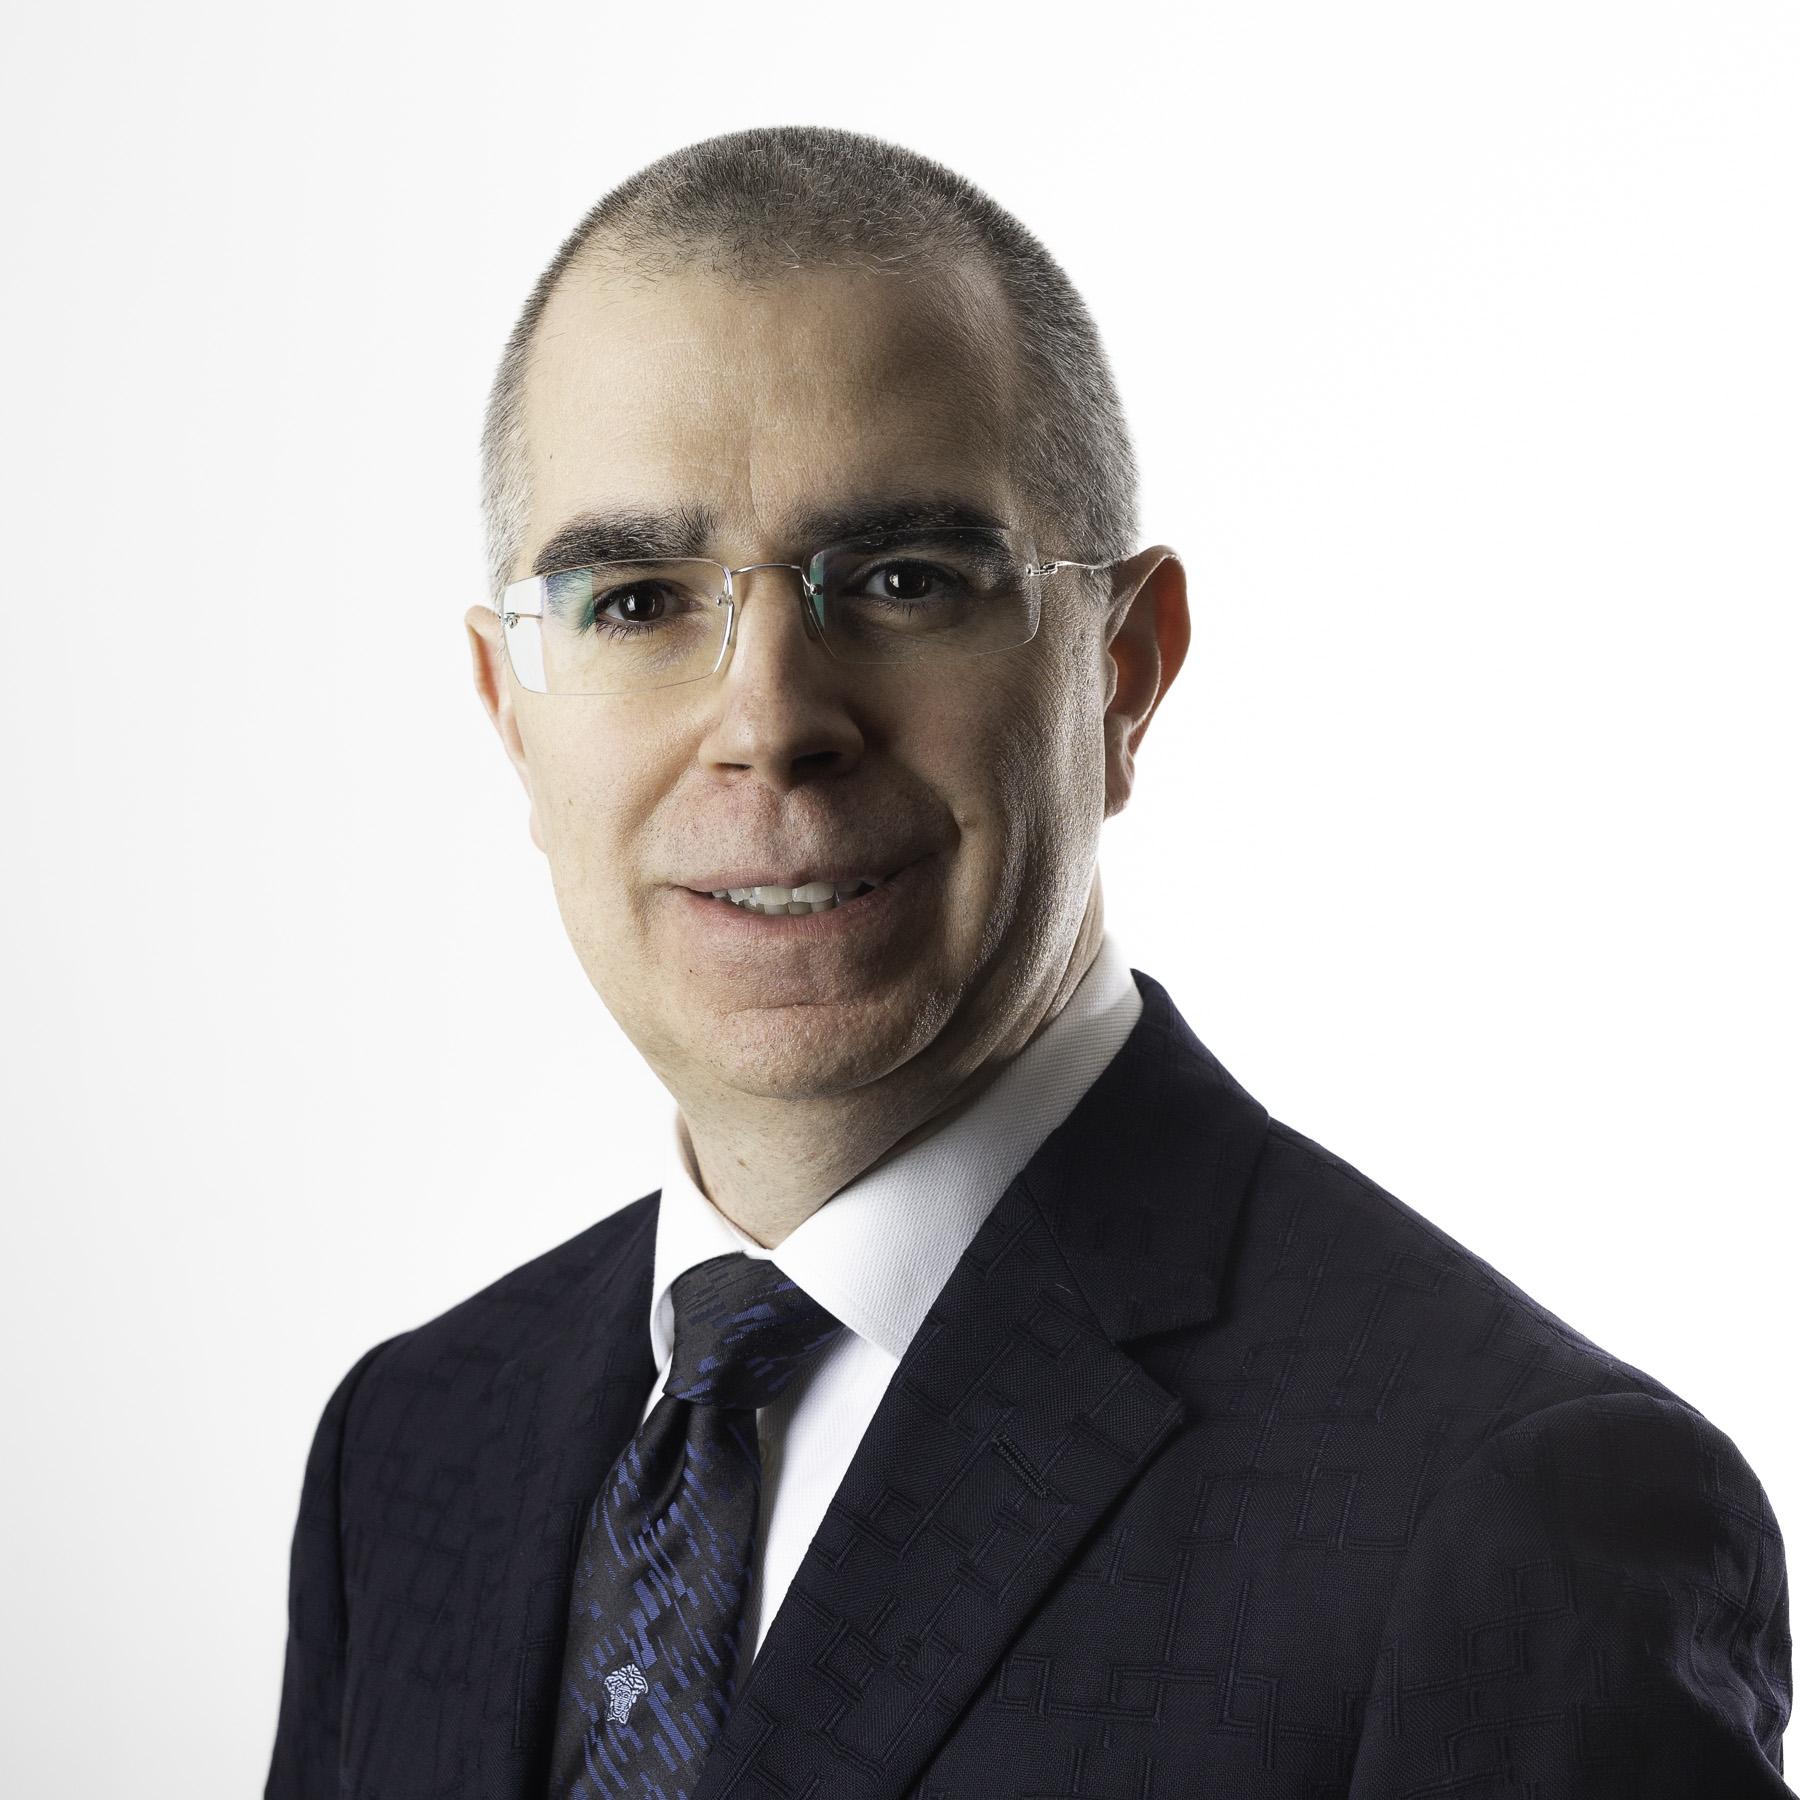 Robert Simon Terry